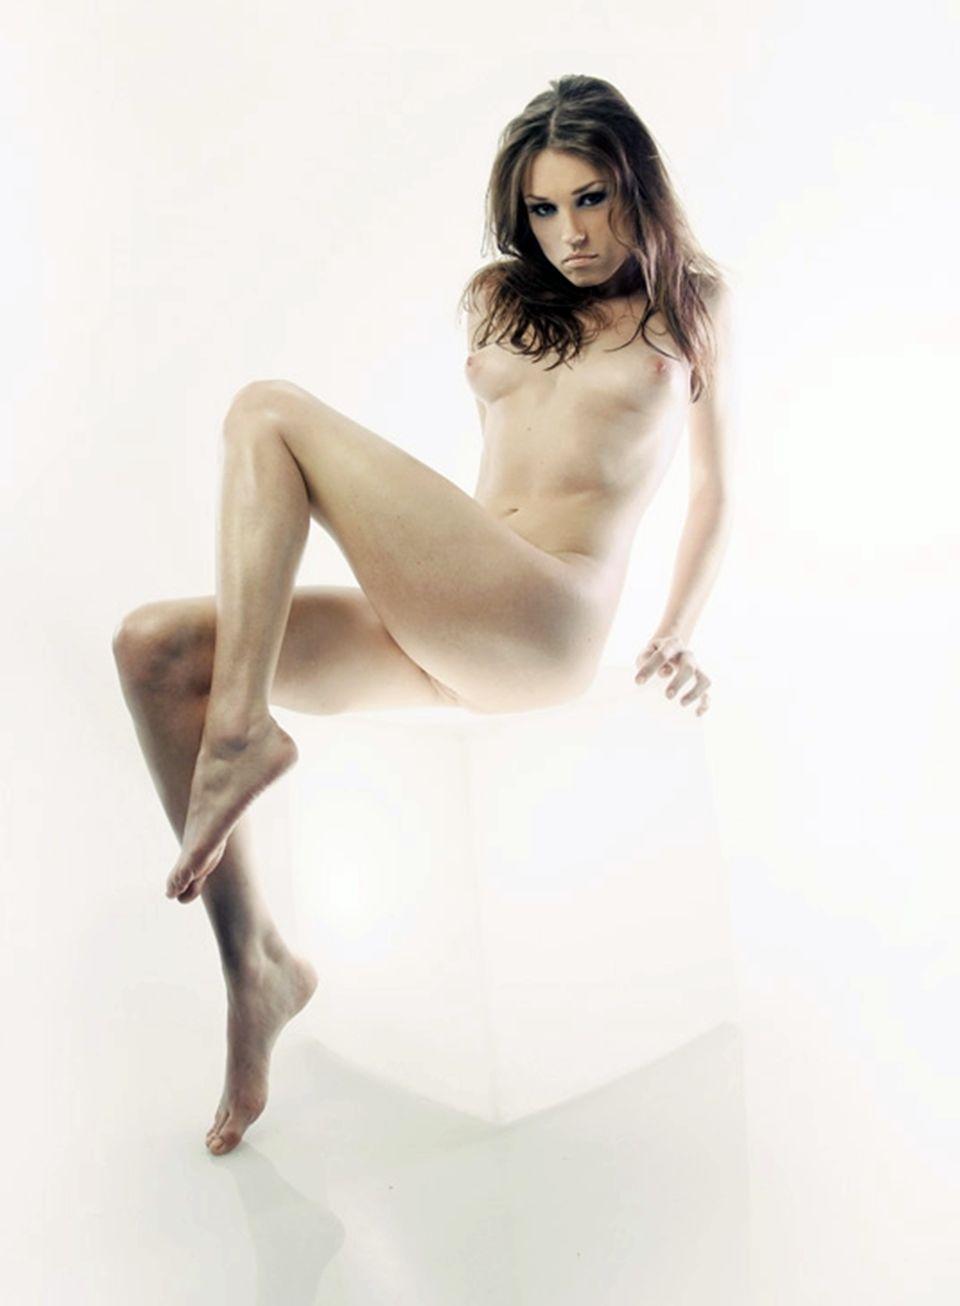 Olivia grant nude search